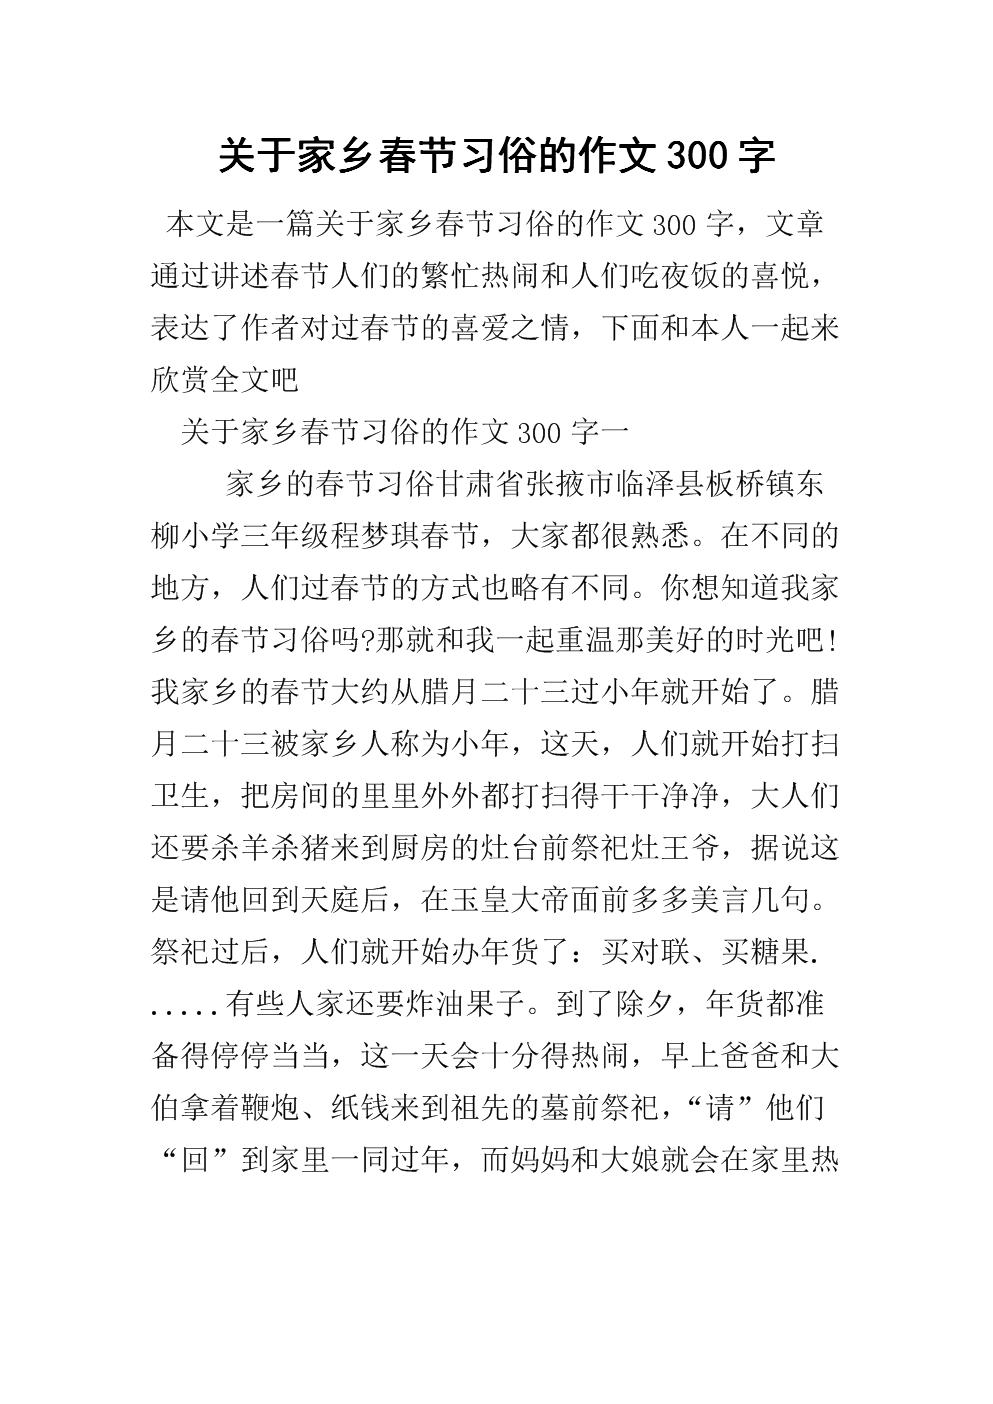 关于家乡春节习俗的作文300字.docx图片